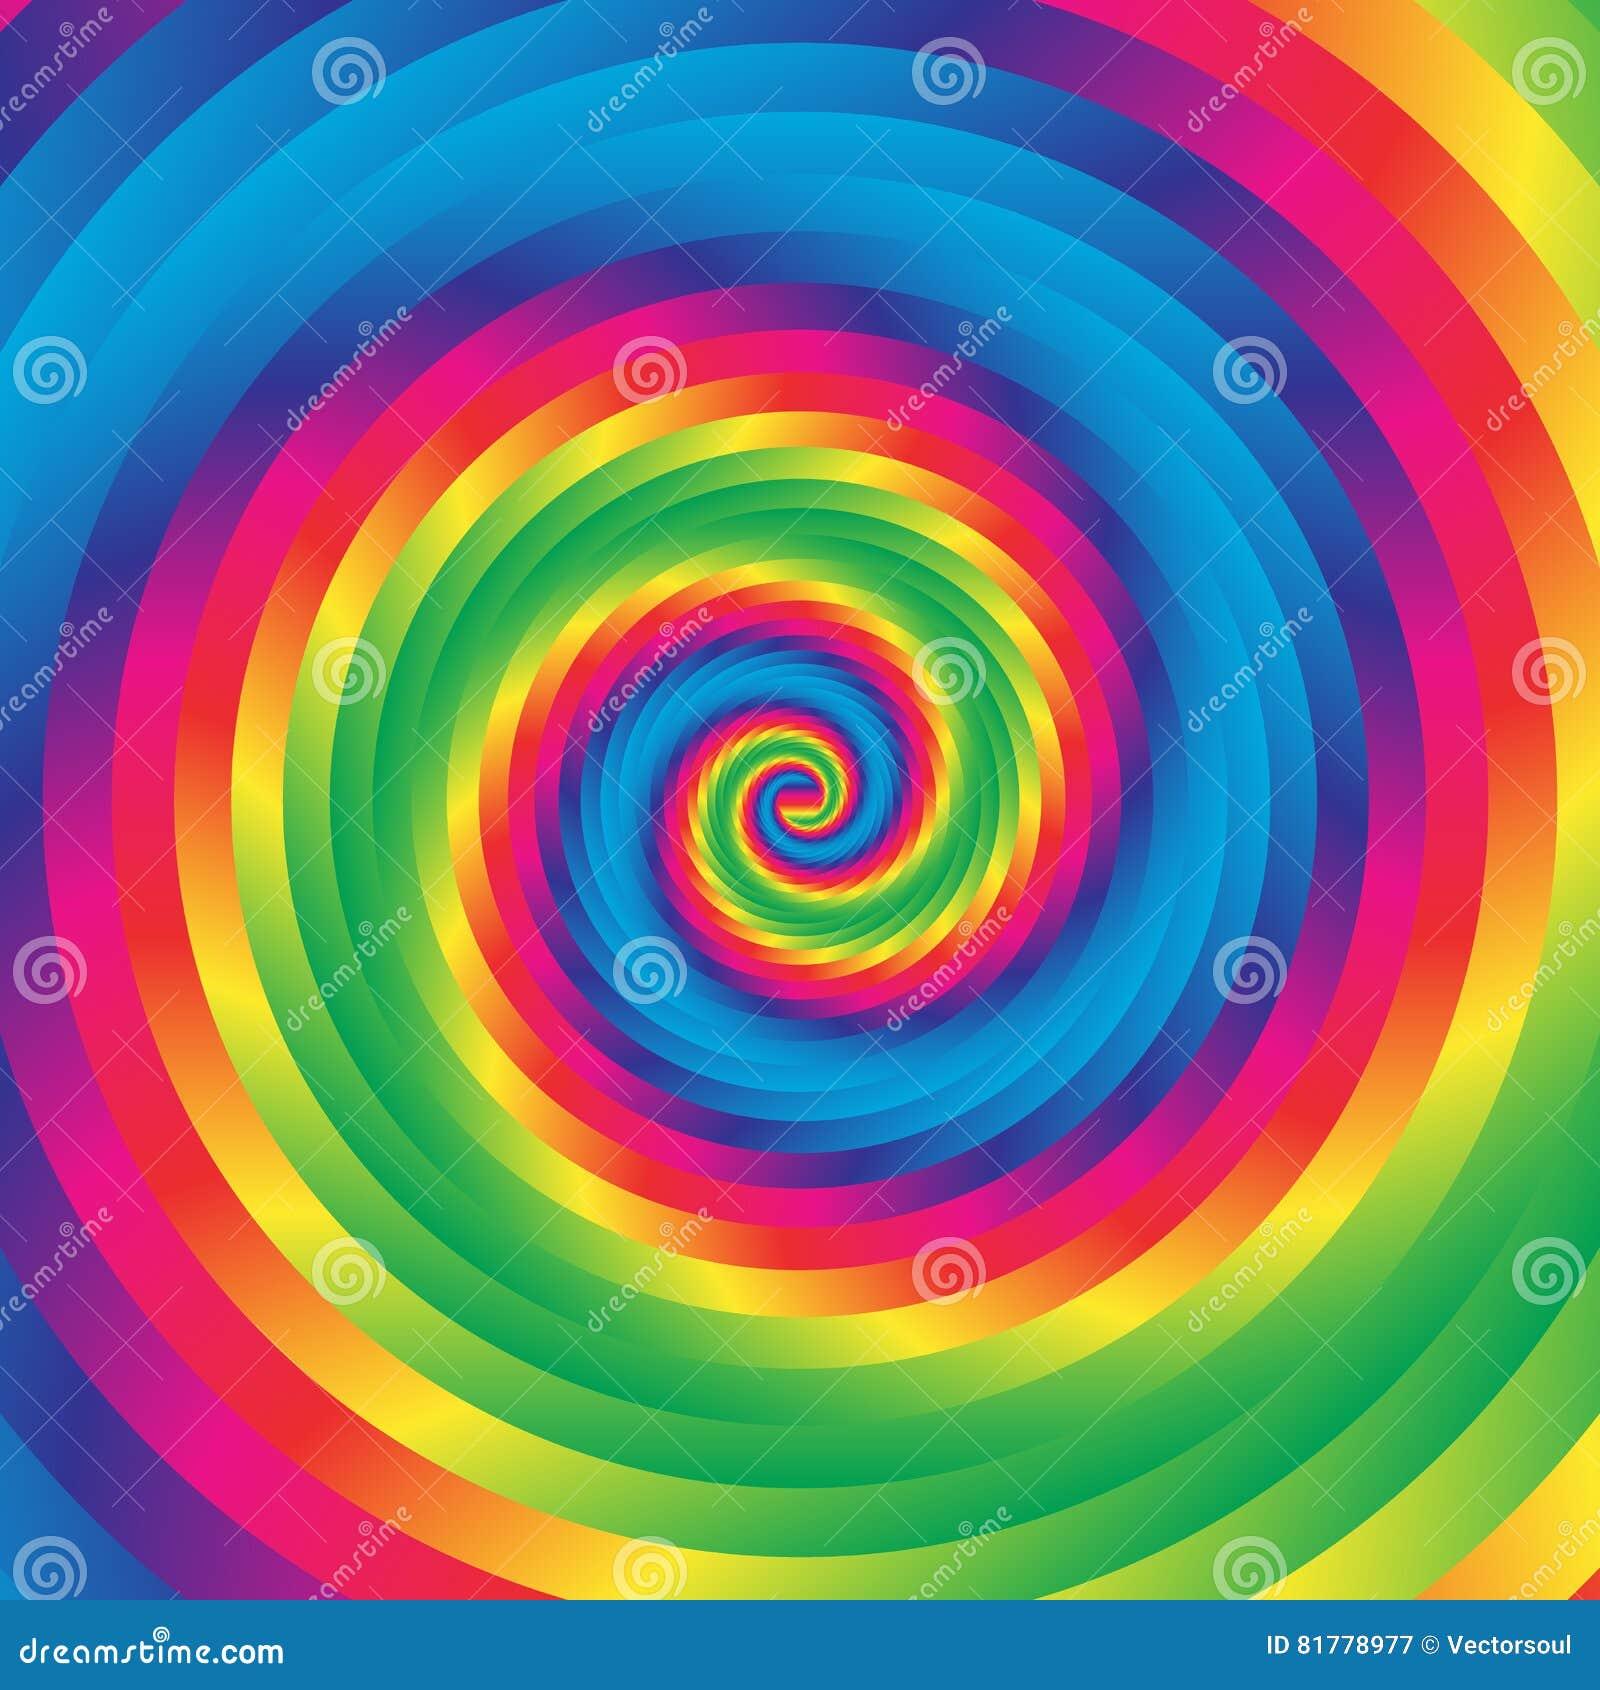 Círculos aleatórios de w da espiral colorida concêntrica Circular abstrata